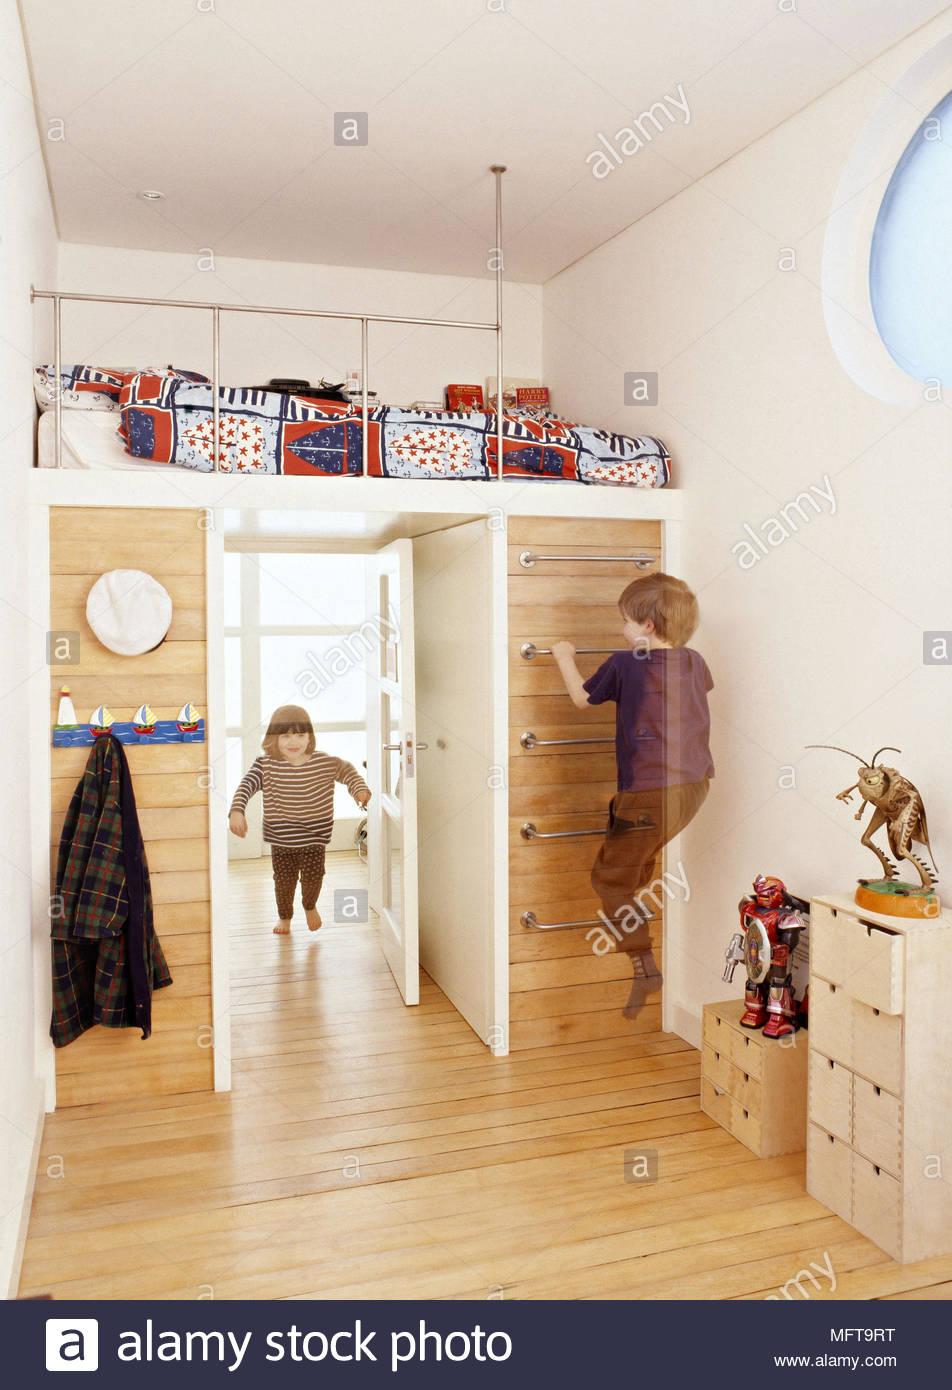 Jeune garçon et fille jouant chez les enfants ? Chambre moderne murs ...